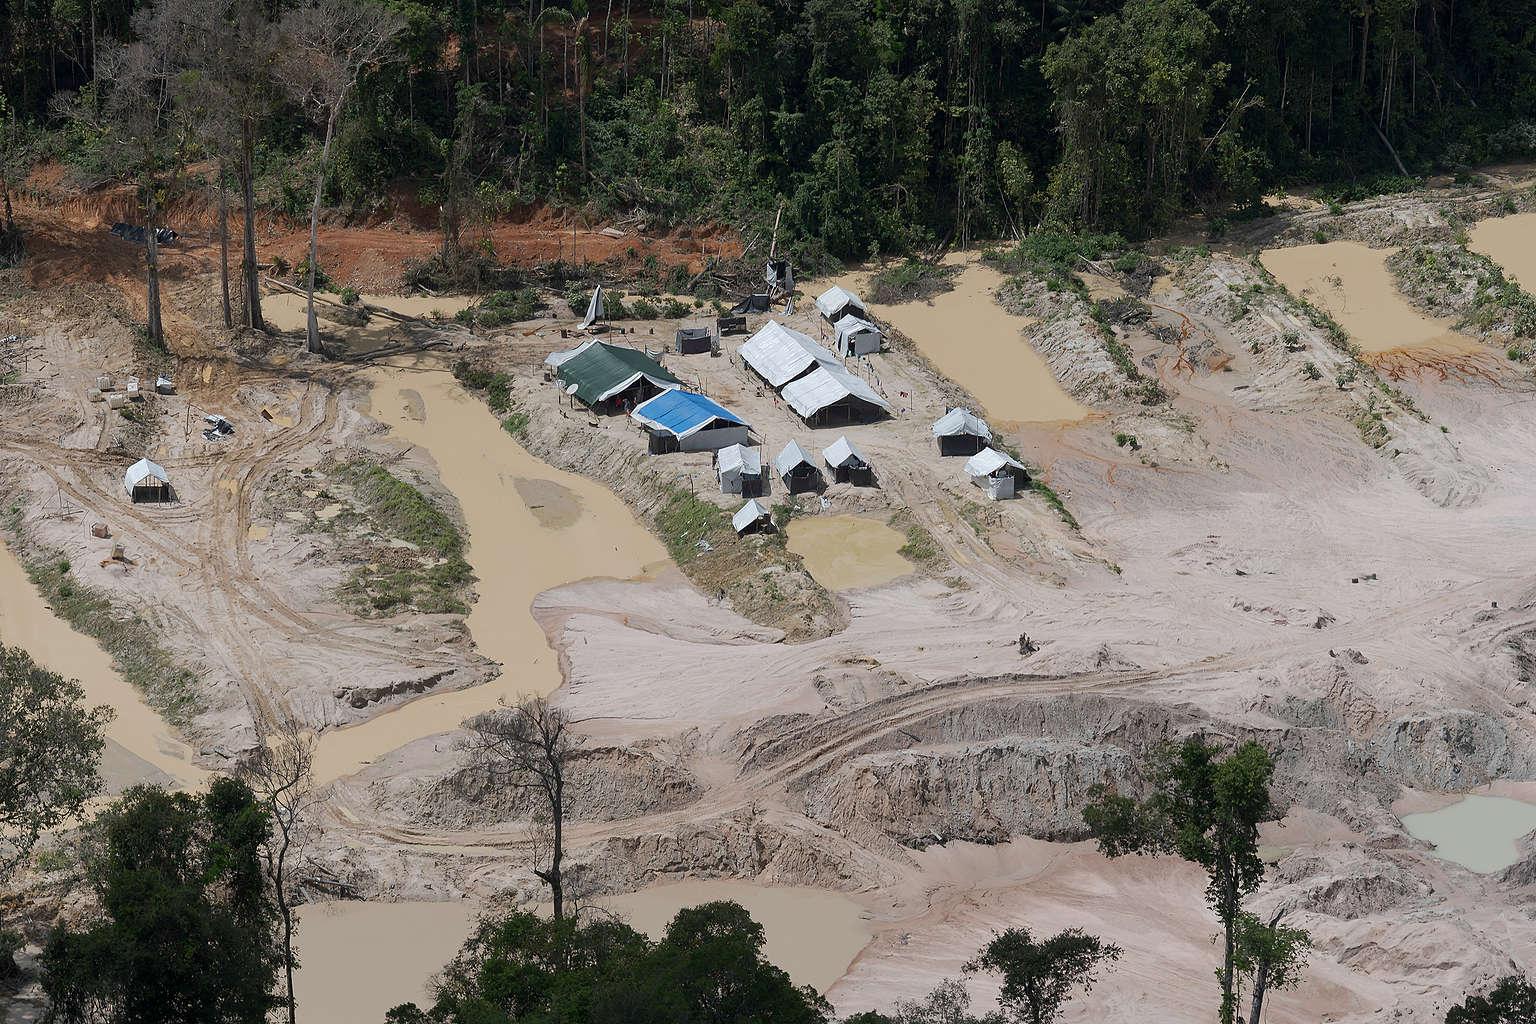 Garimpo ilegal na terra indígena Munduruku no sudoeste do Pará: indígenas pedem socorro ao MPF e pedem operação para retirada dos garimpeiros (Foto: Marcos Amend/Greenpeace)